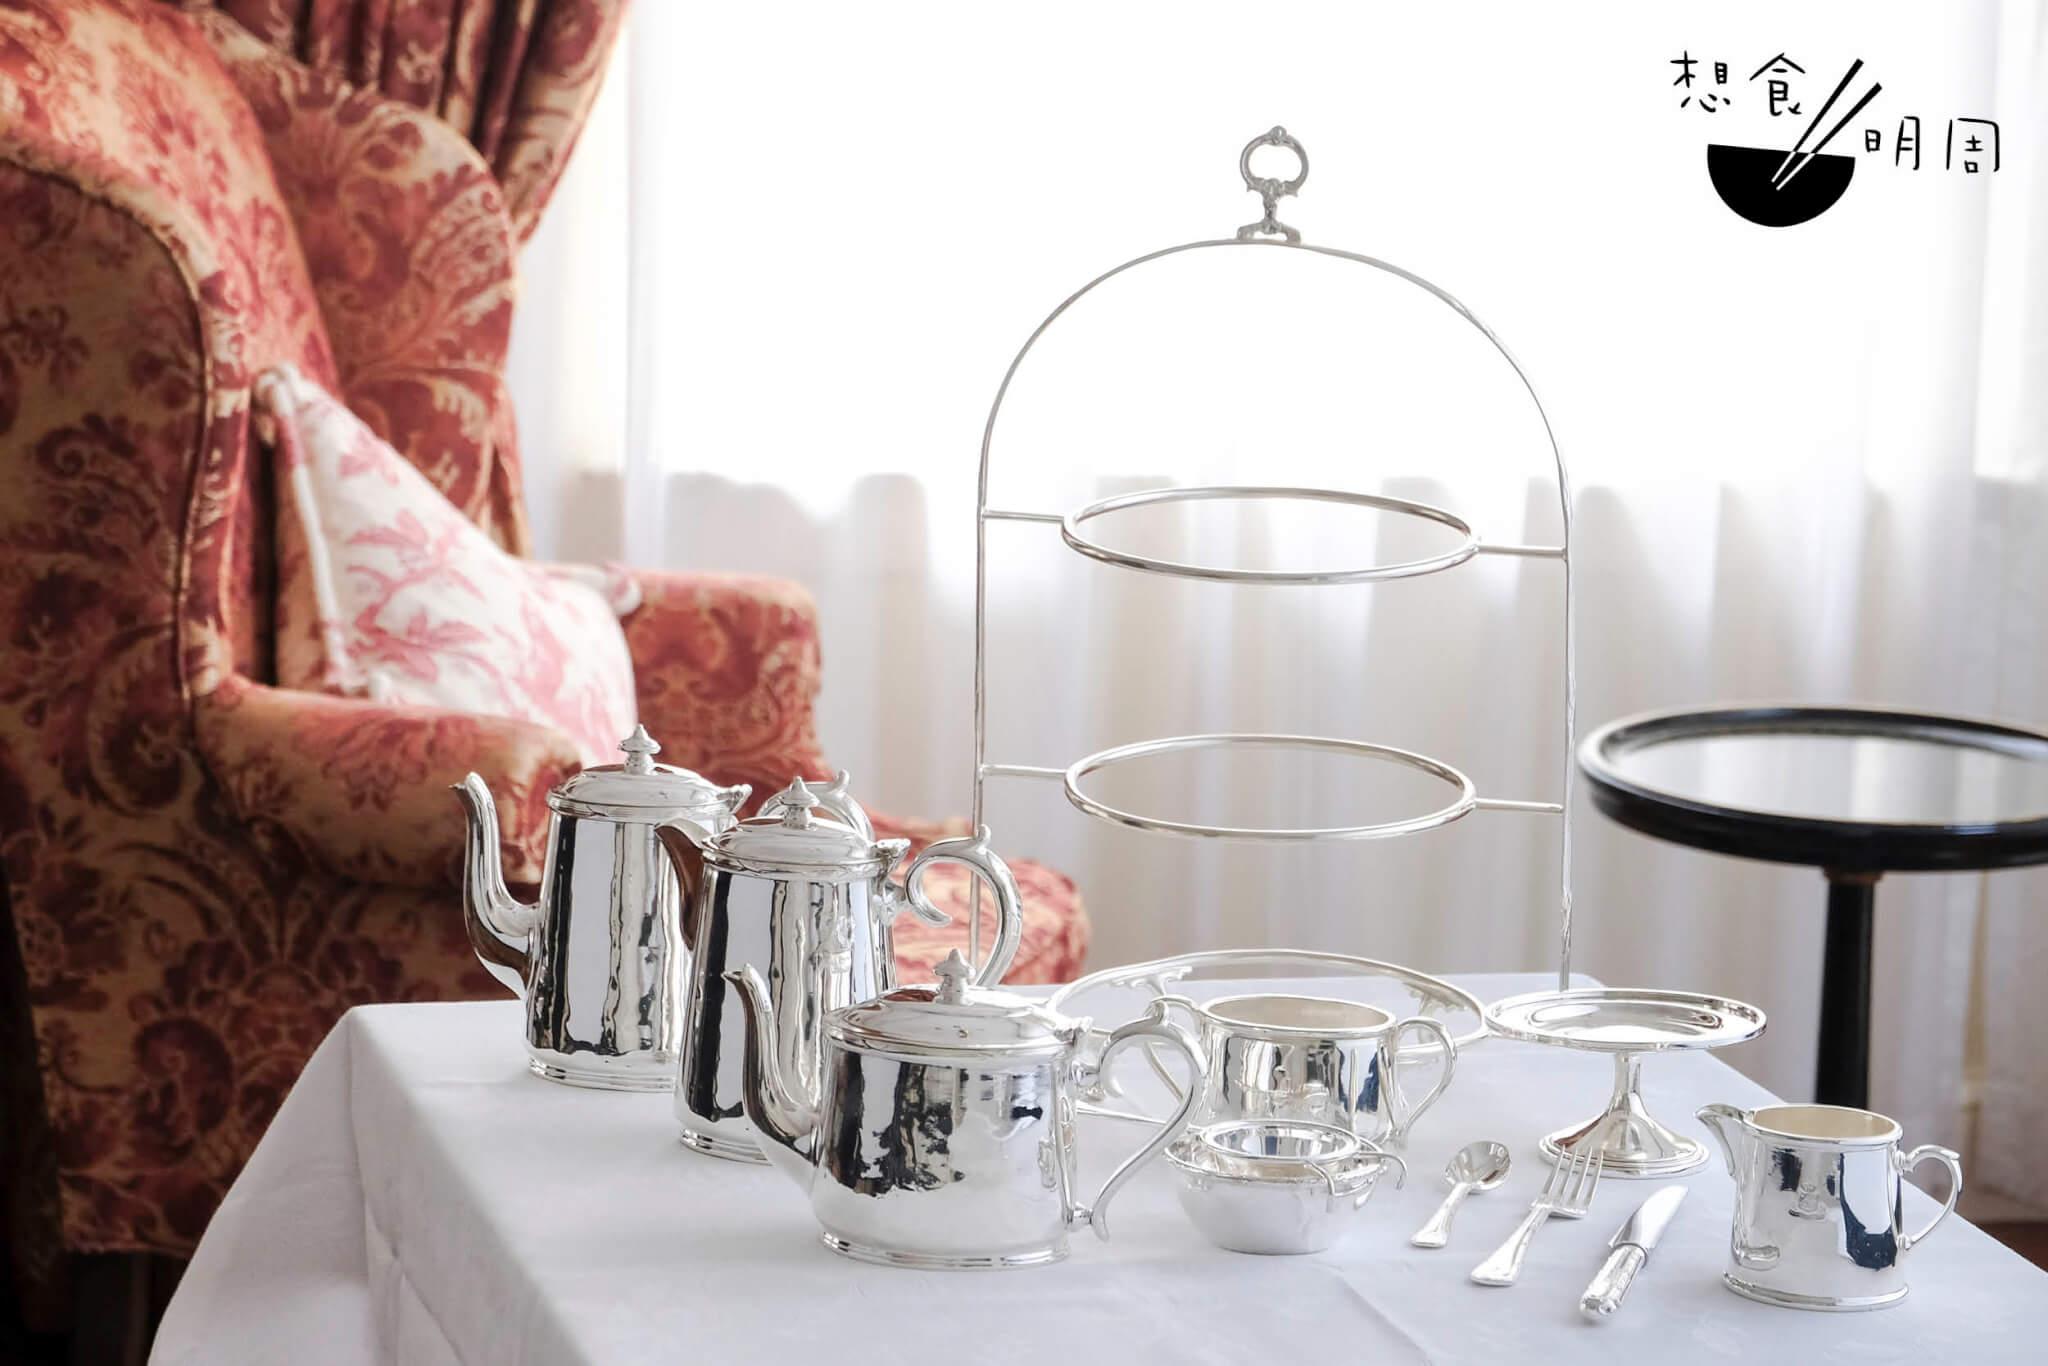 下午茶銀器組件 // 除了三層架之外,另有茶壺、啡壺、水壺、糖盅、奶勺、曲奇座等等。